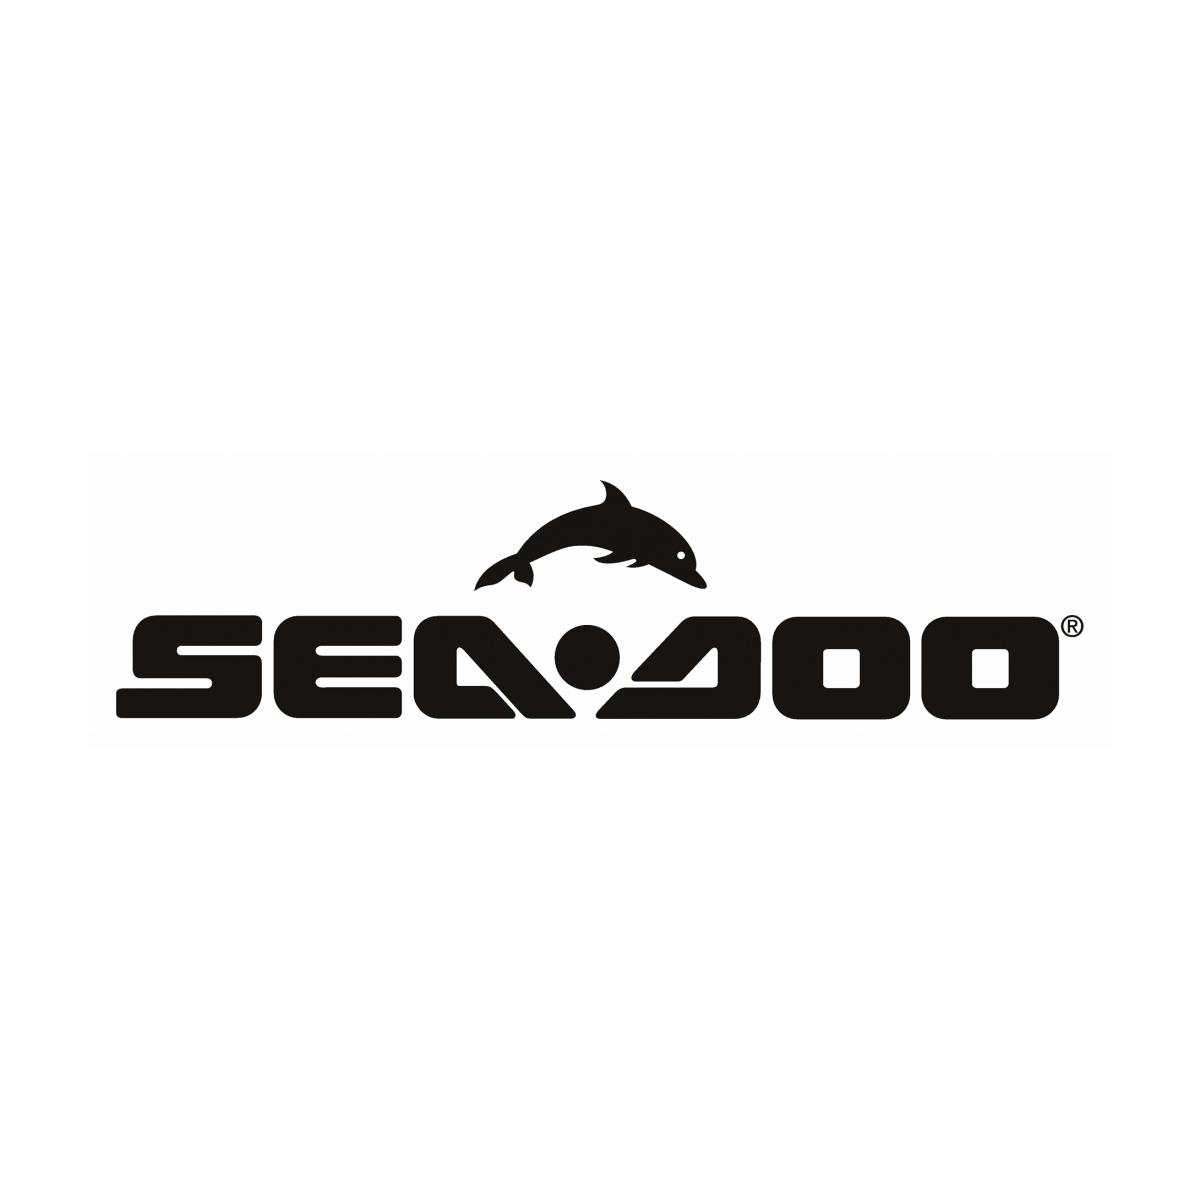 Anel Carbono Sea Doo 2 Tempos Original  - Radical Peças - Peças para Jet Ski